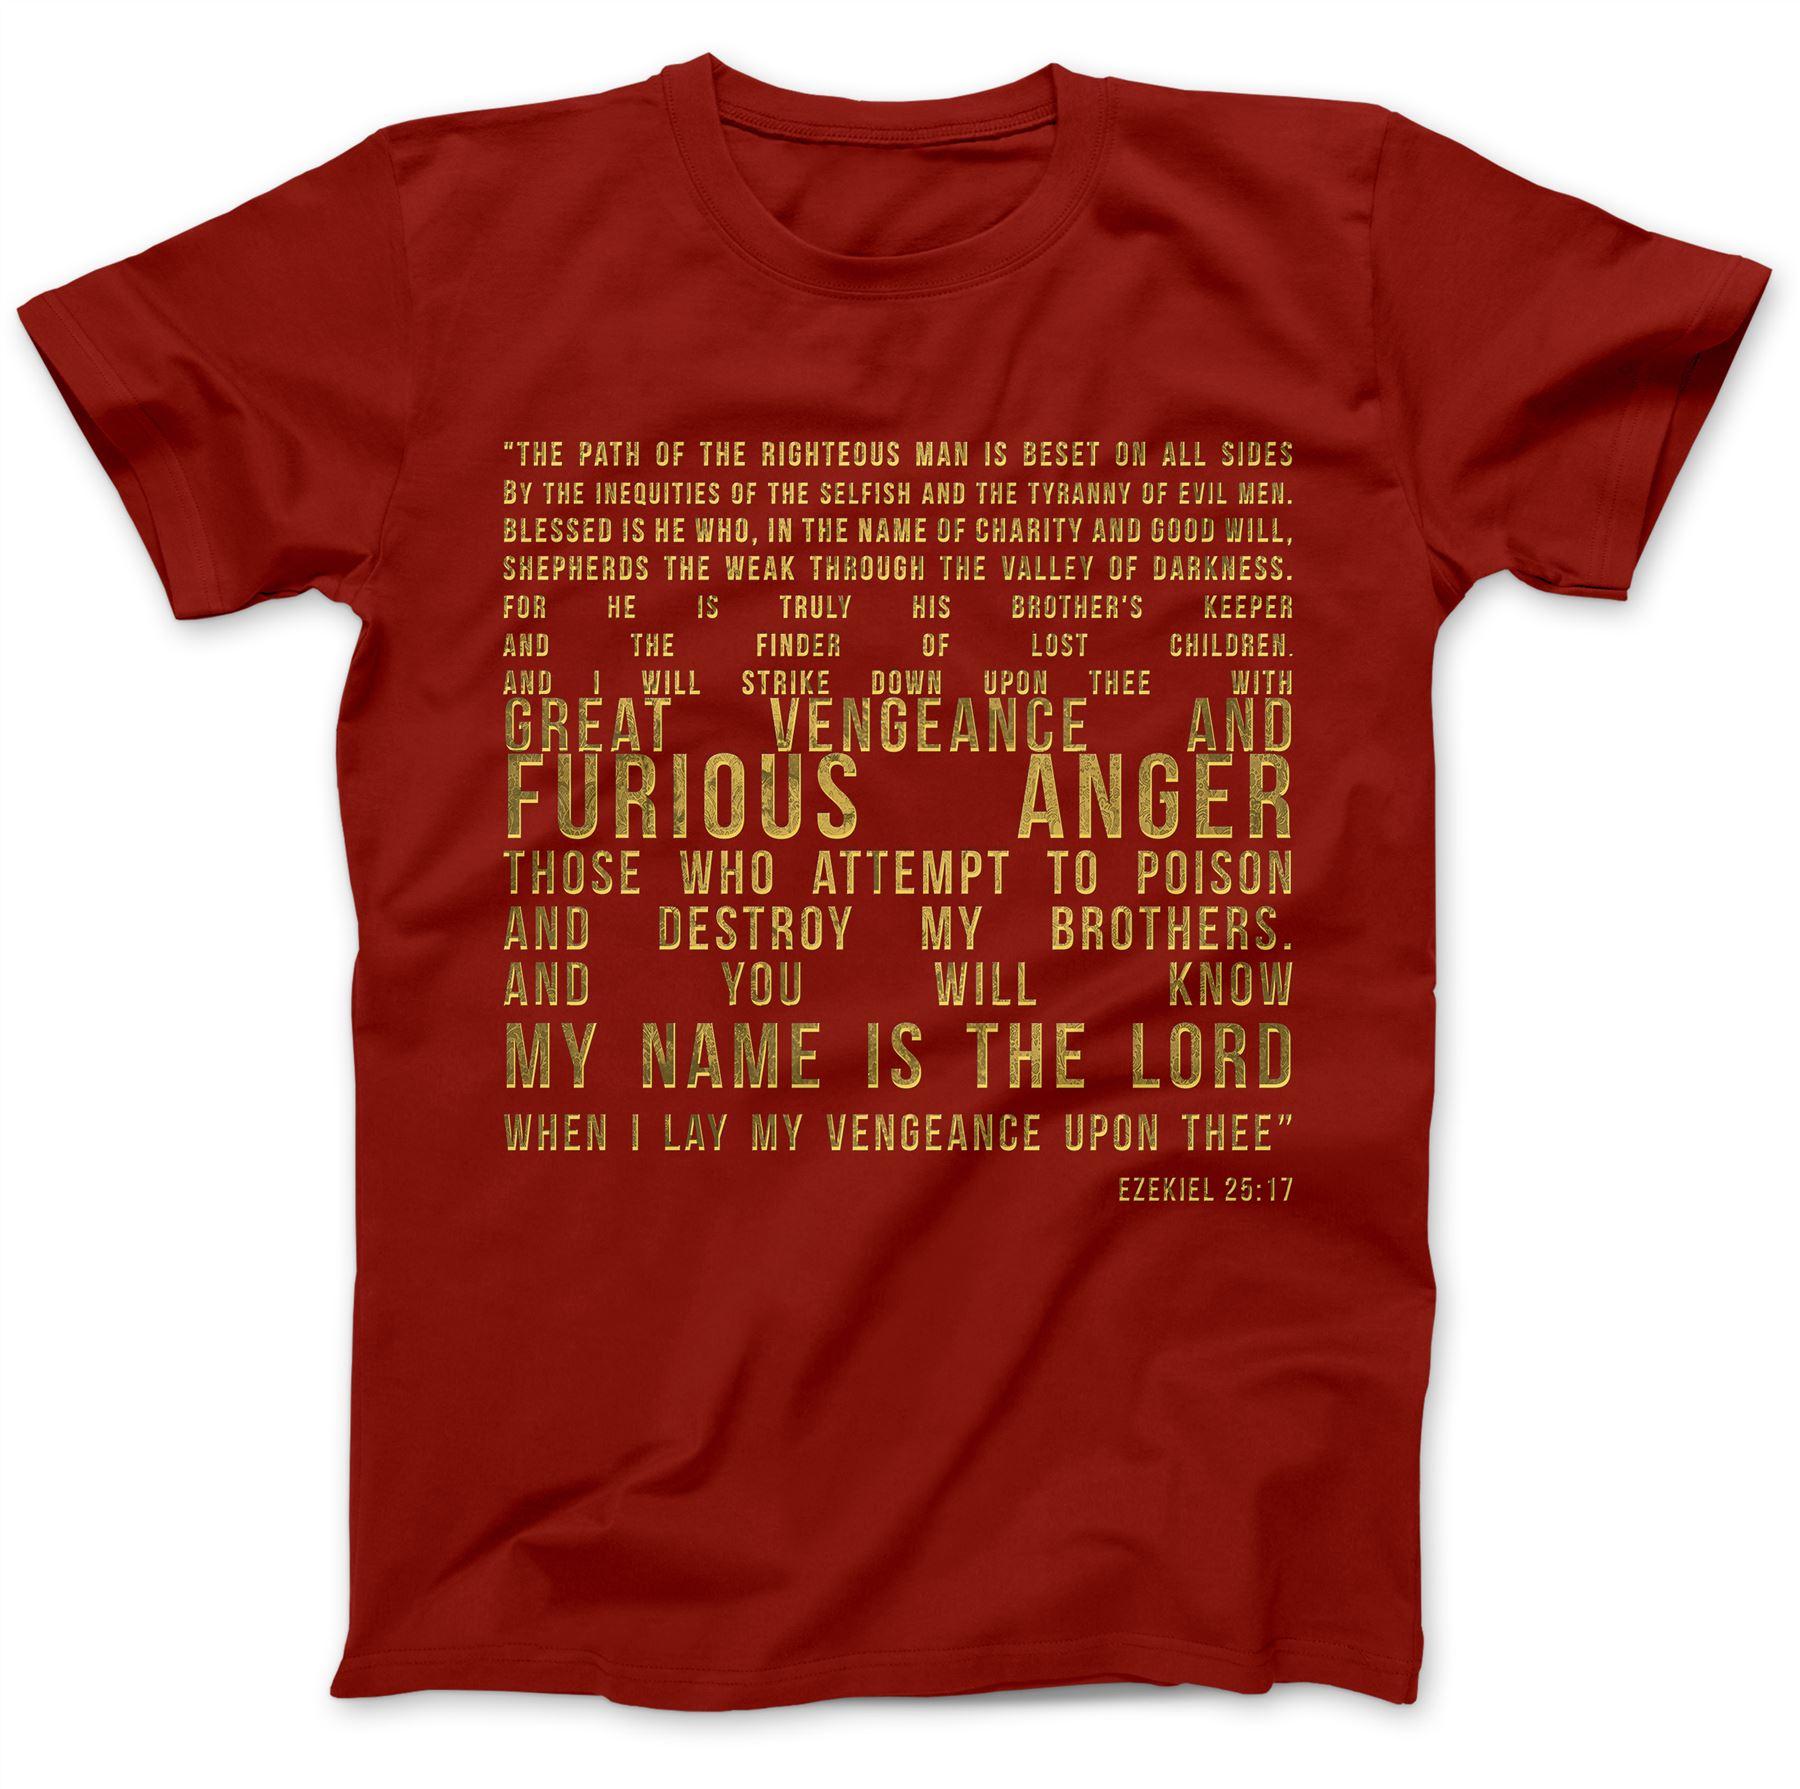 Ezekiel 25:17 T-Shirt 100/% Premium Cotton Samuel L Jackson Pulp Fiction Quote